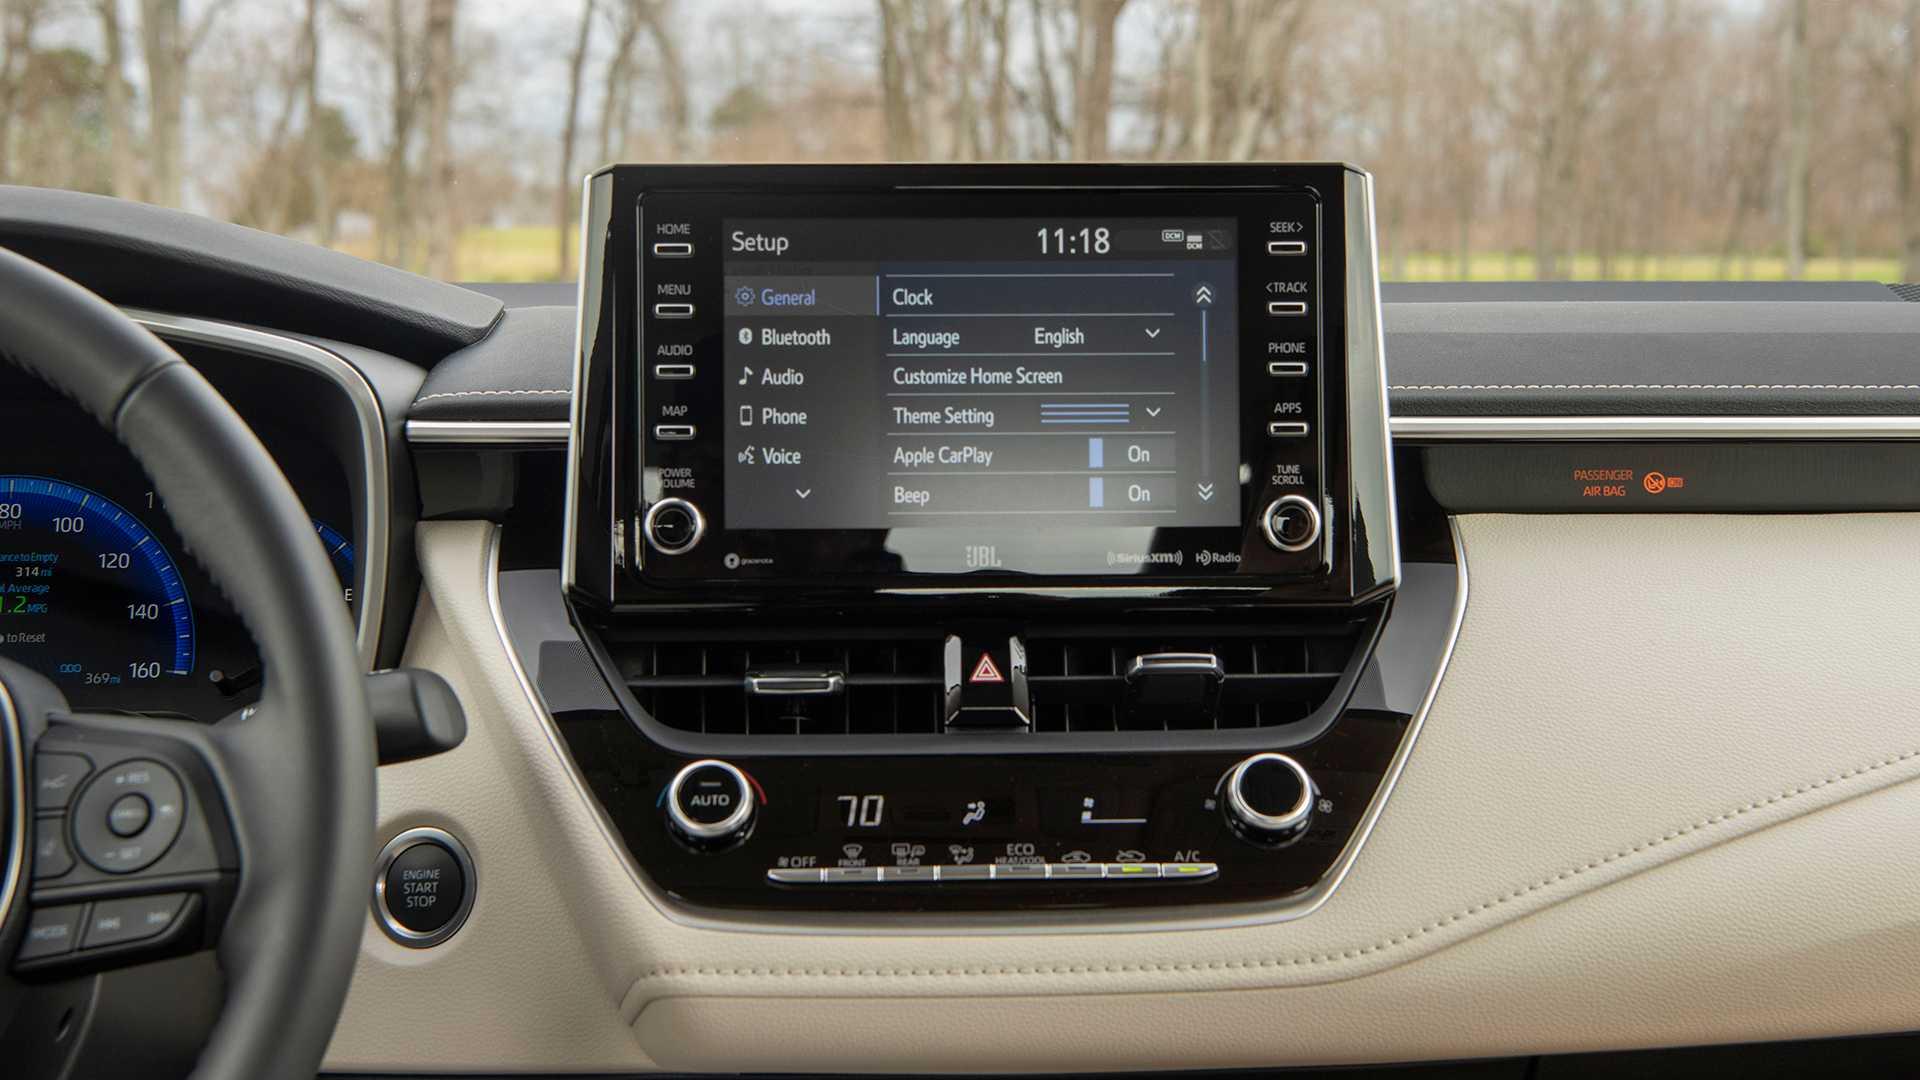 2020-toyota-corolla-sedan-danh-gia-12.jpg